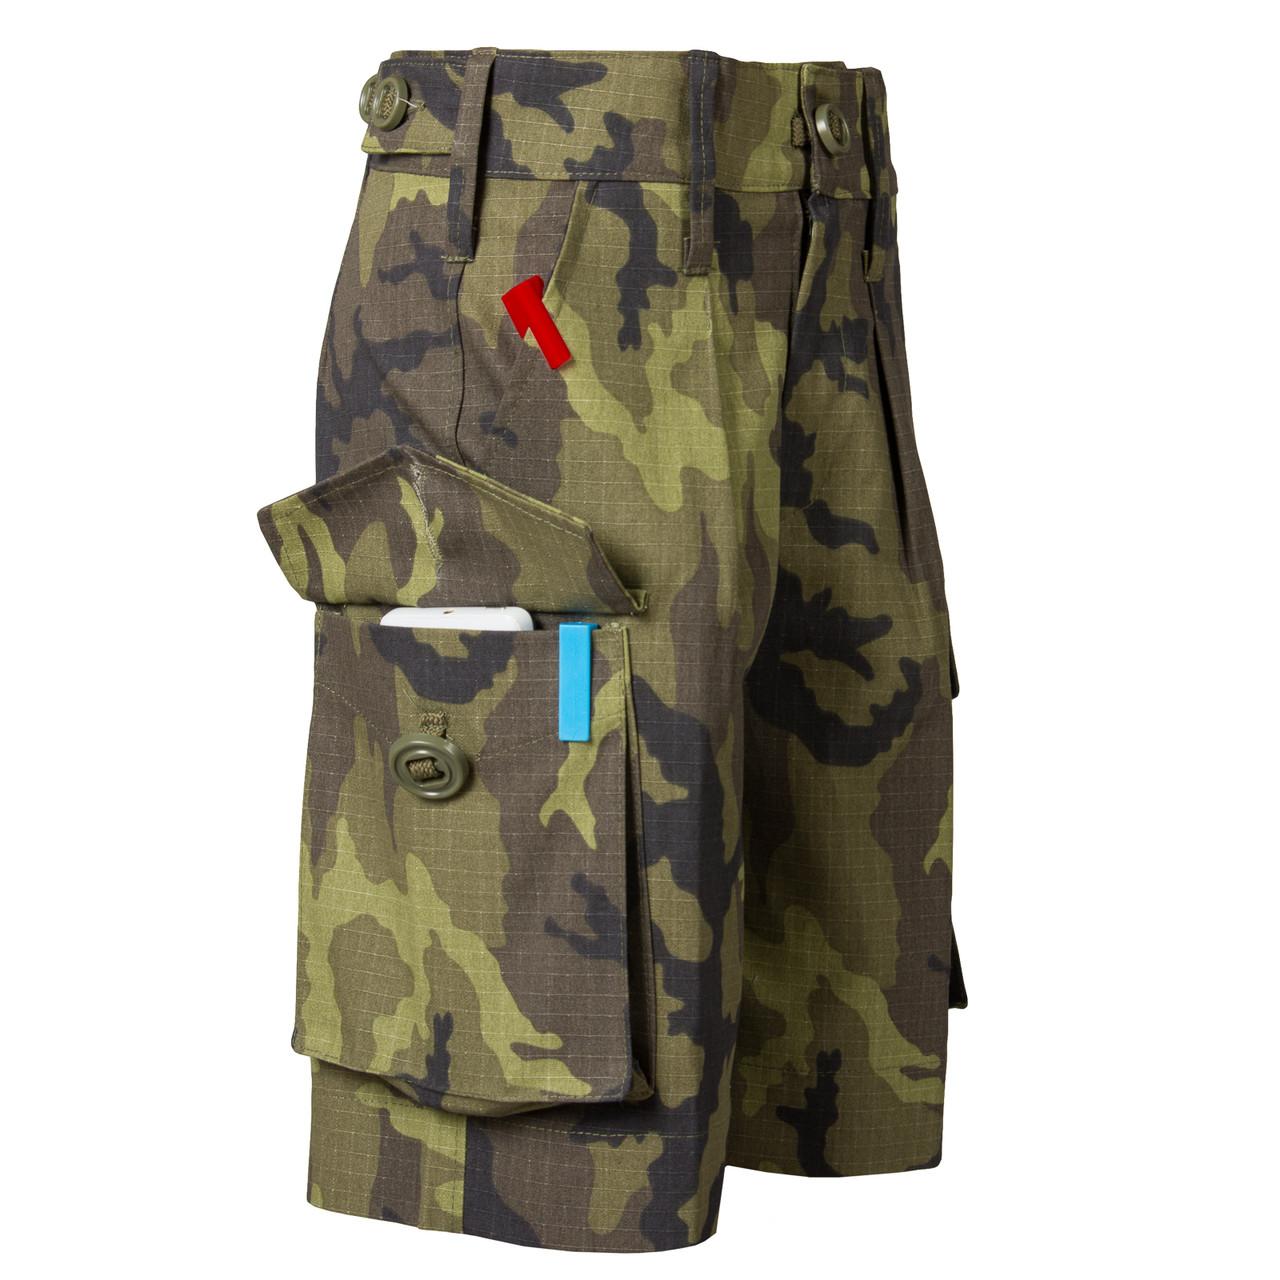 Детские камуфляжные шорты для мальчиков камуфляж Лес аналог военных шорт армии Британии